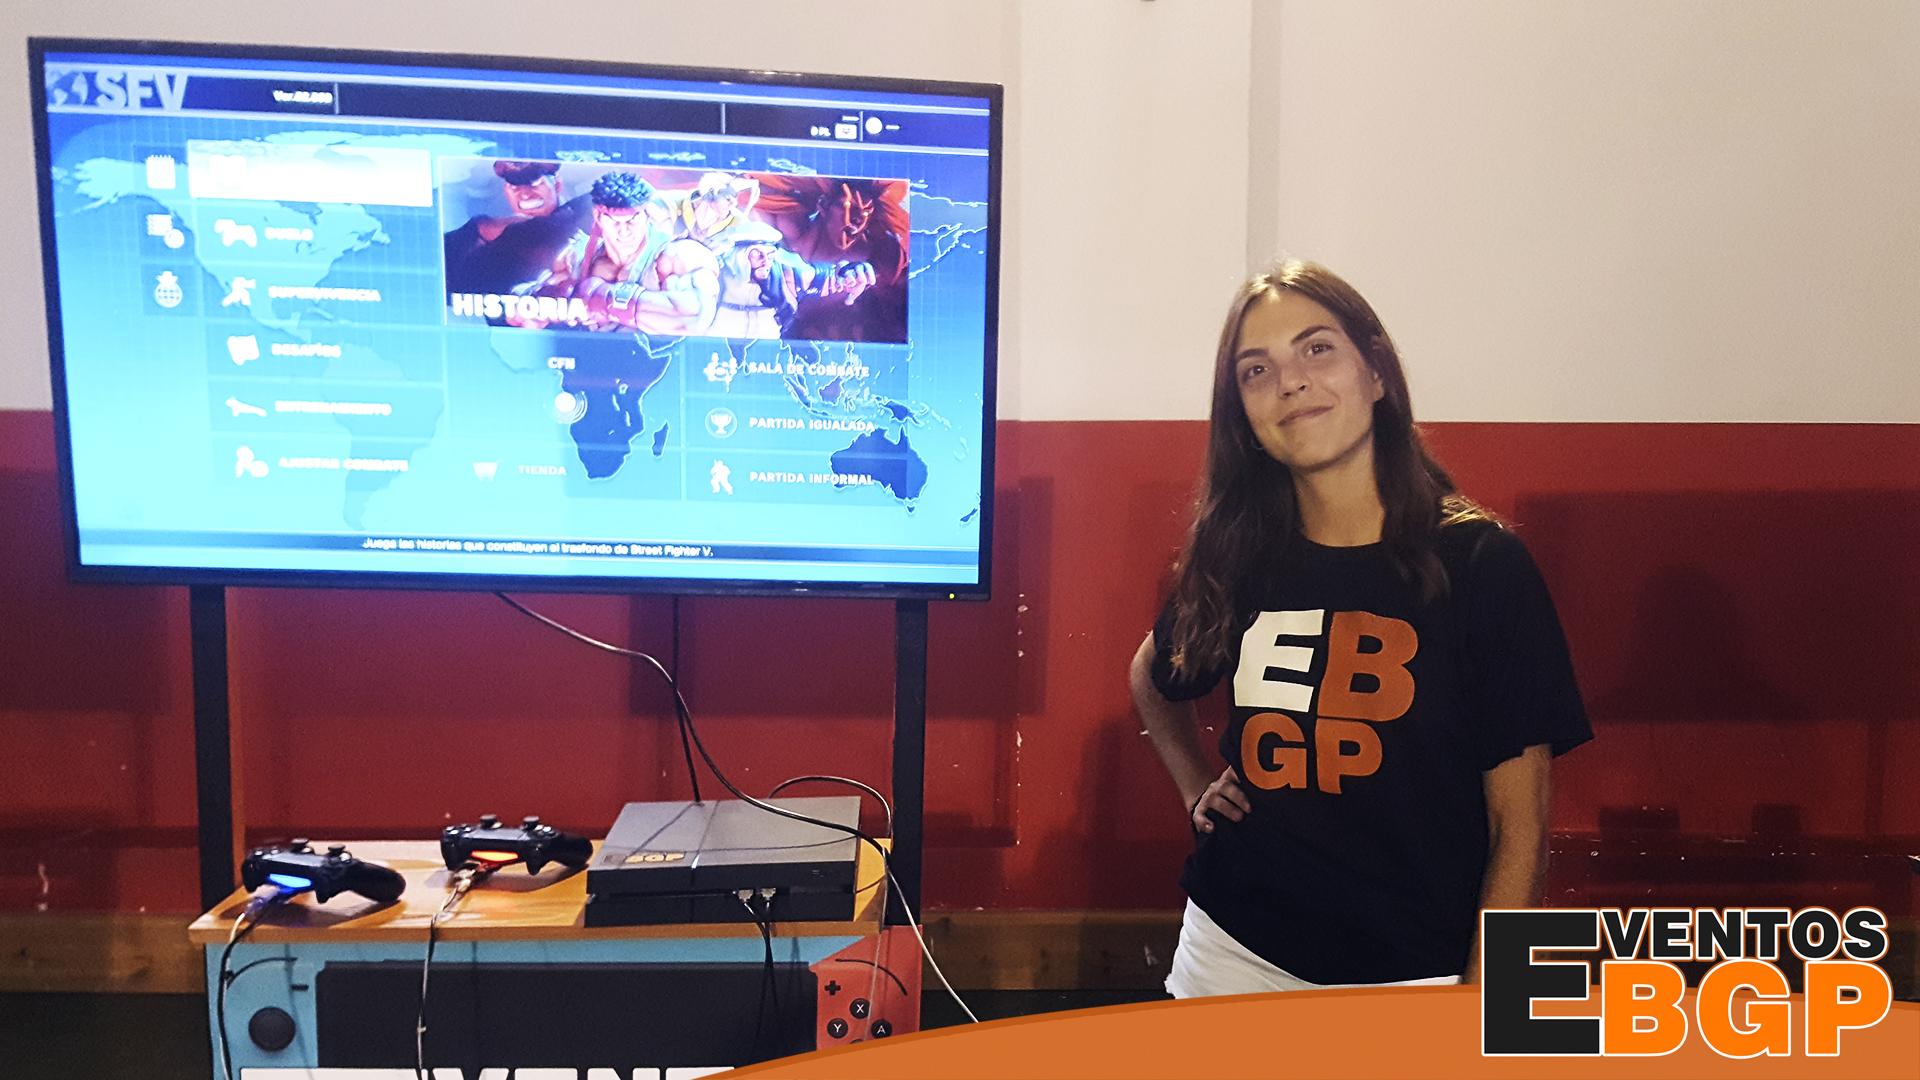 Fotografía del mes con Ines en Eventos BGP. Diminutivo de EBGP.